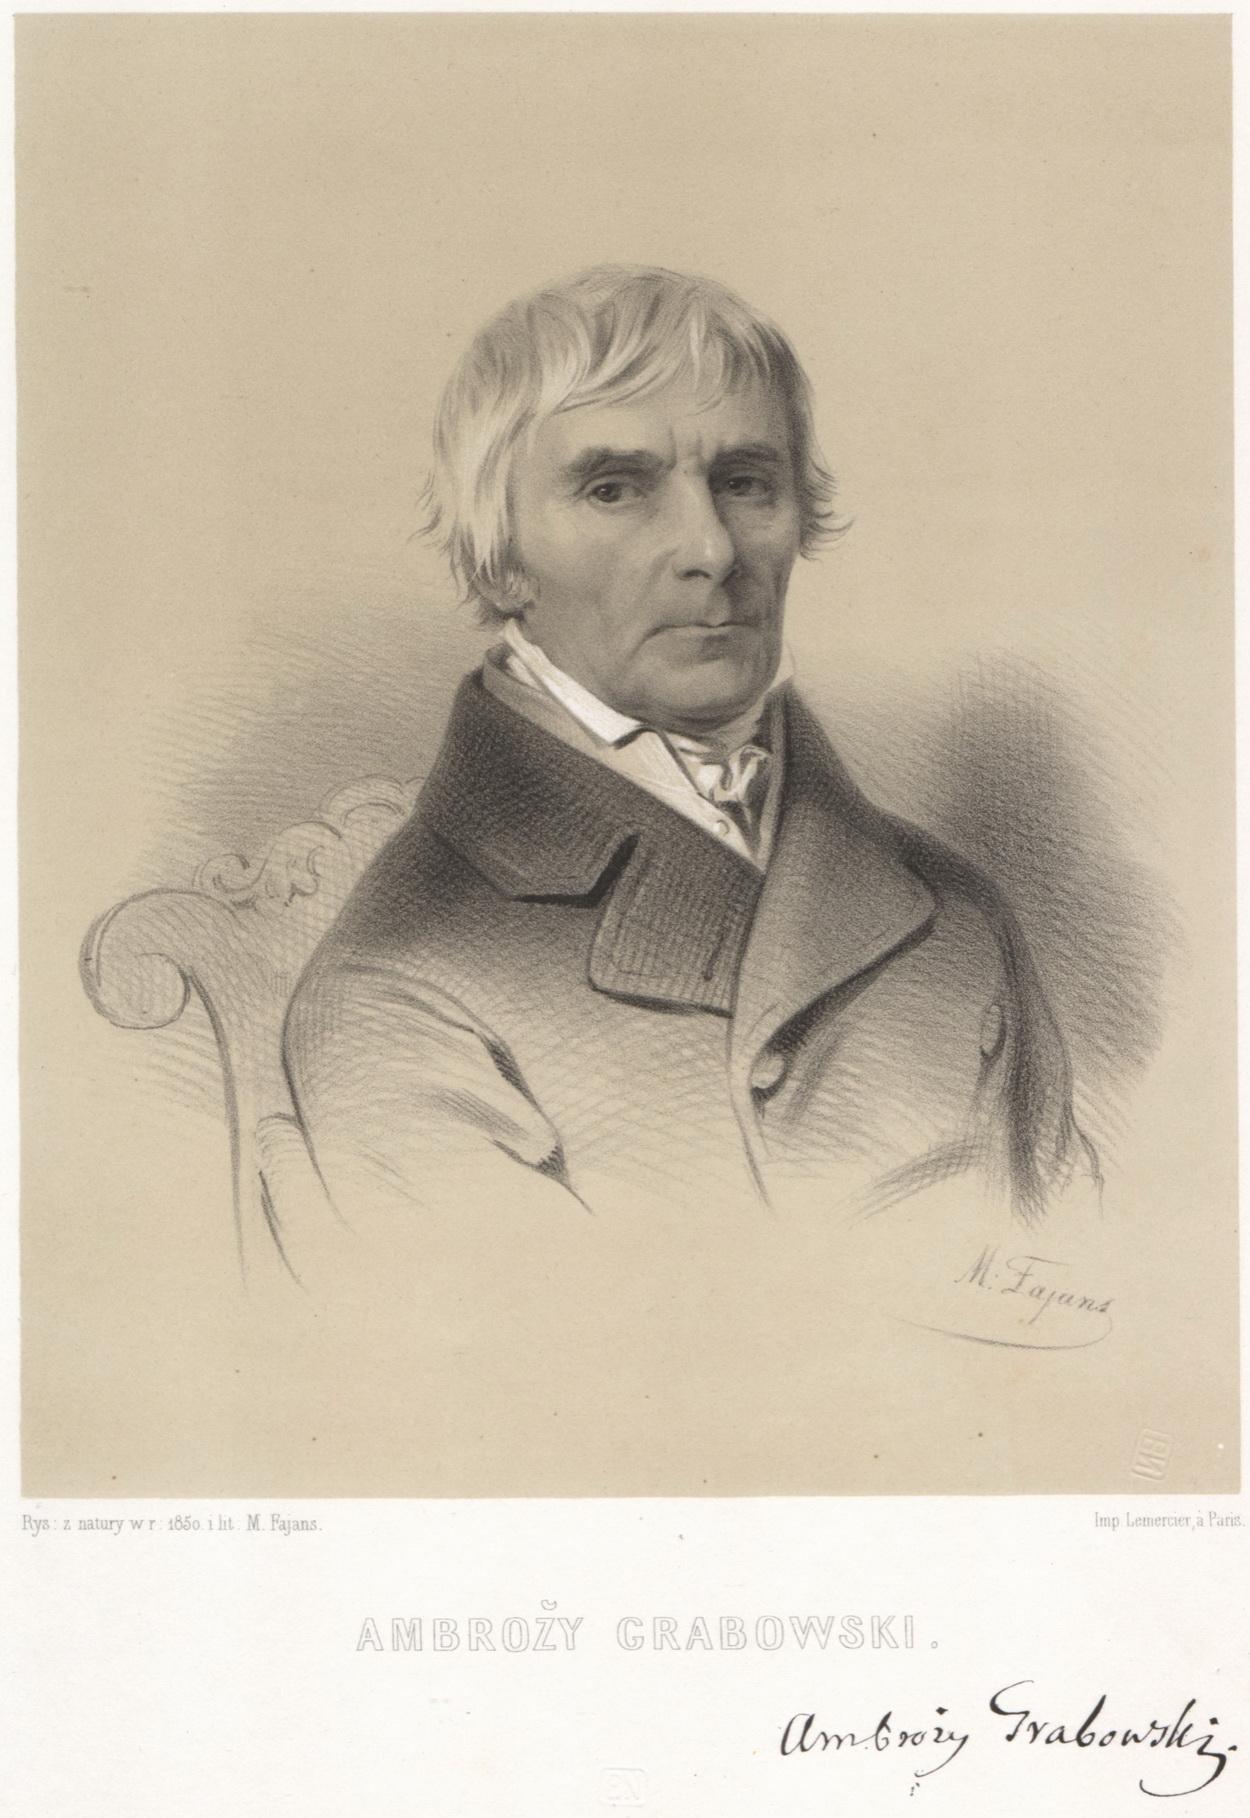 1850 - Ambroży Grabowski